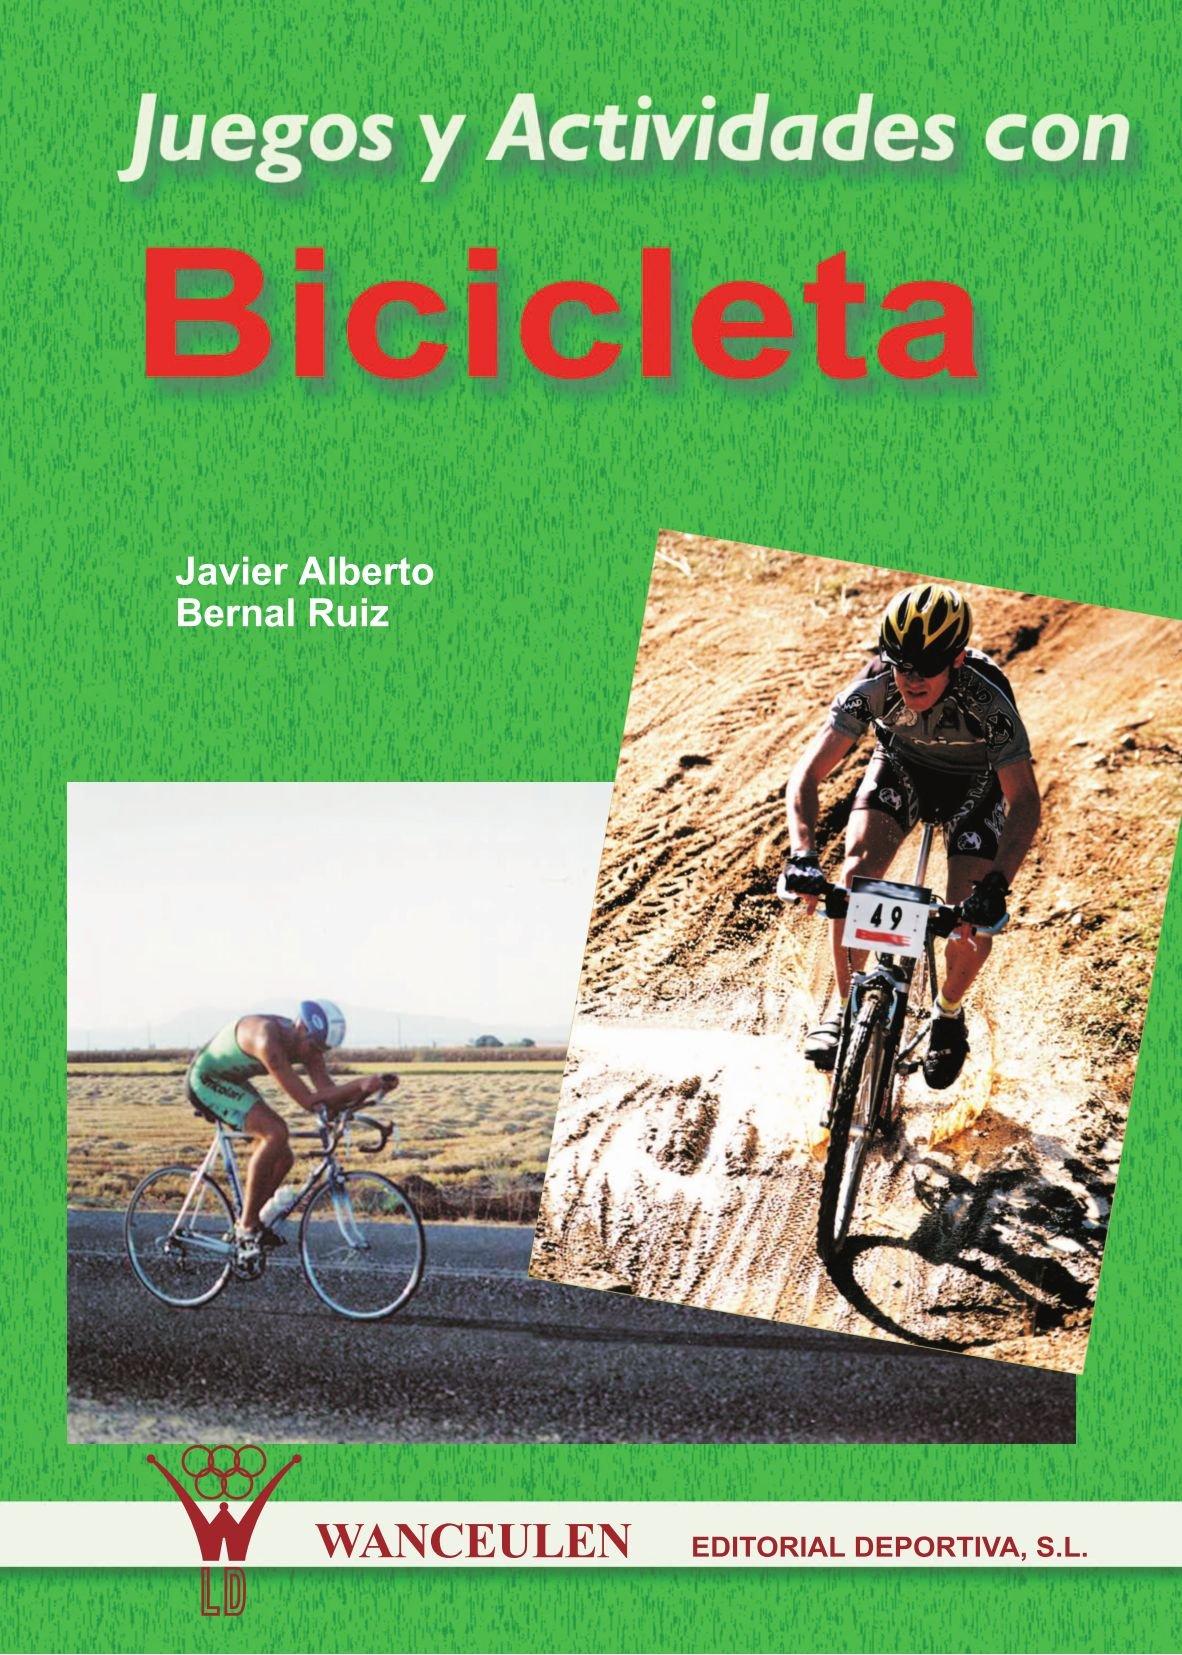 Juegos Y Actividades Con Bicicleta Tapa blanda – 26 mar 2009 Javier Alberto Bernal Ruiz Wanceulen Editorial S.L. 8495883317 Cycling - General